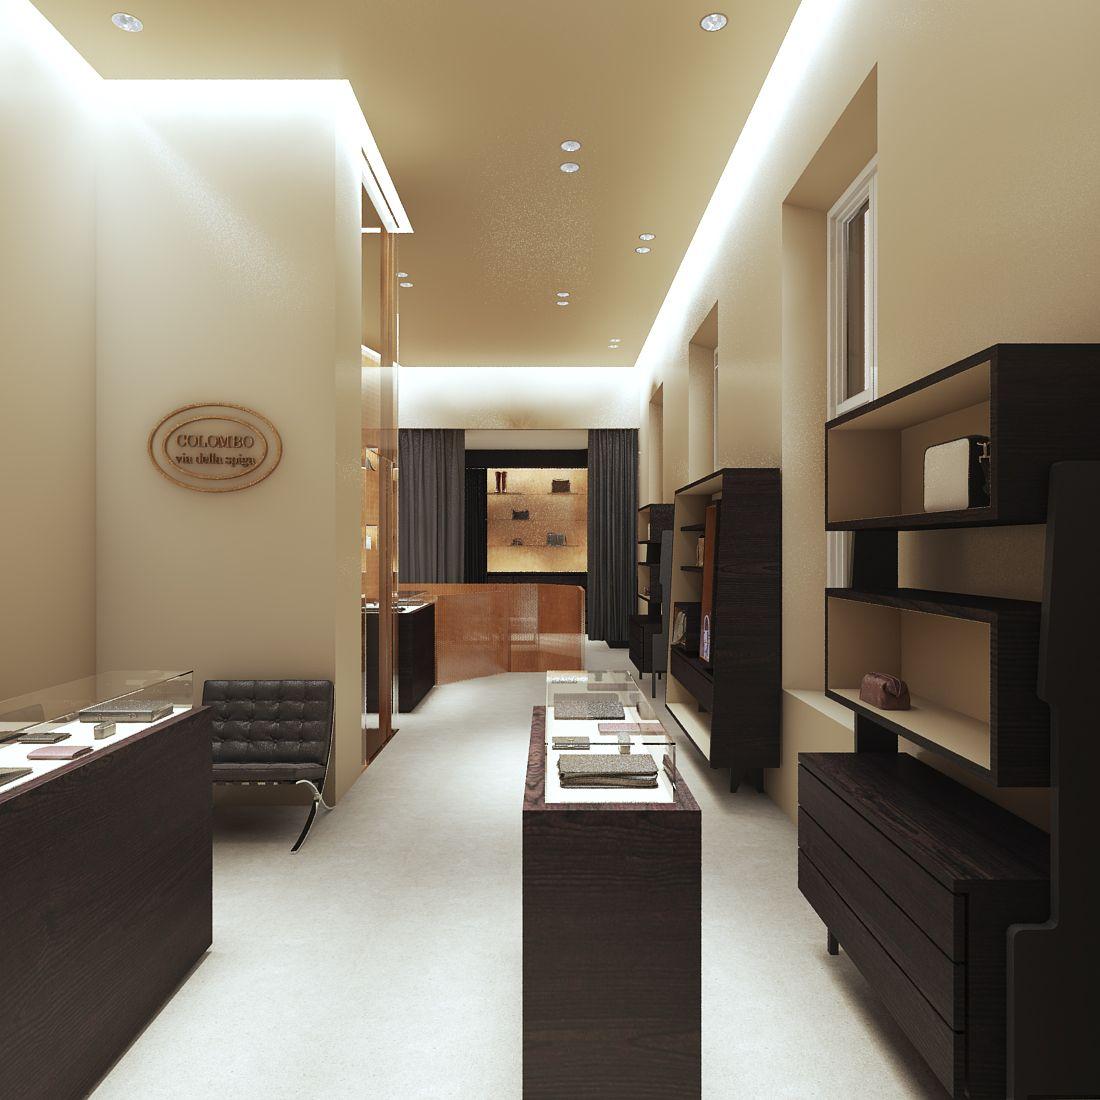 Colombo Store - Montenapoleone 711